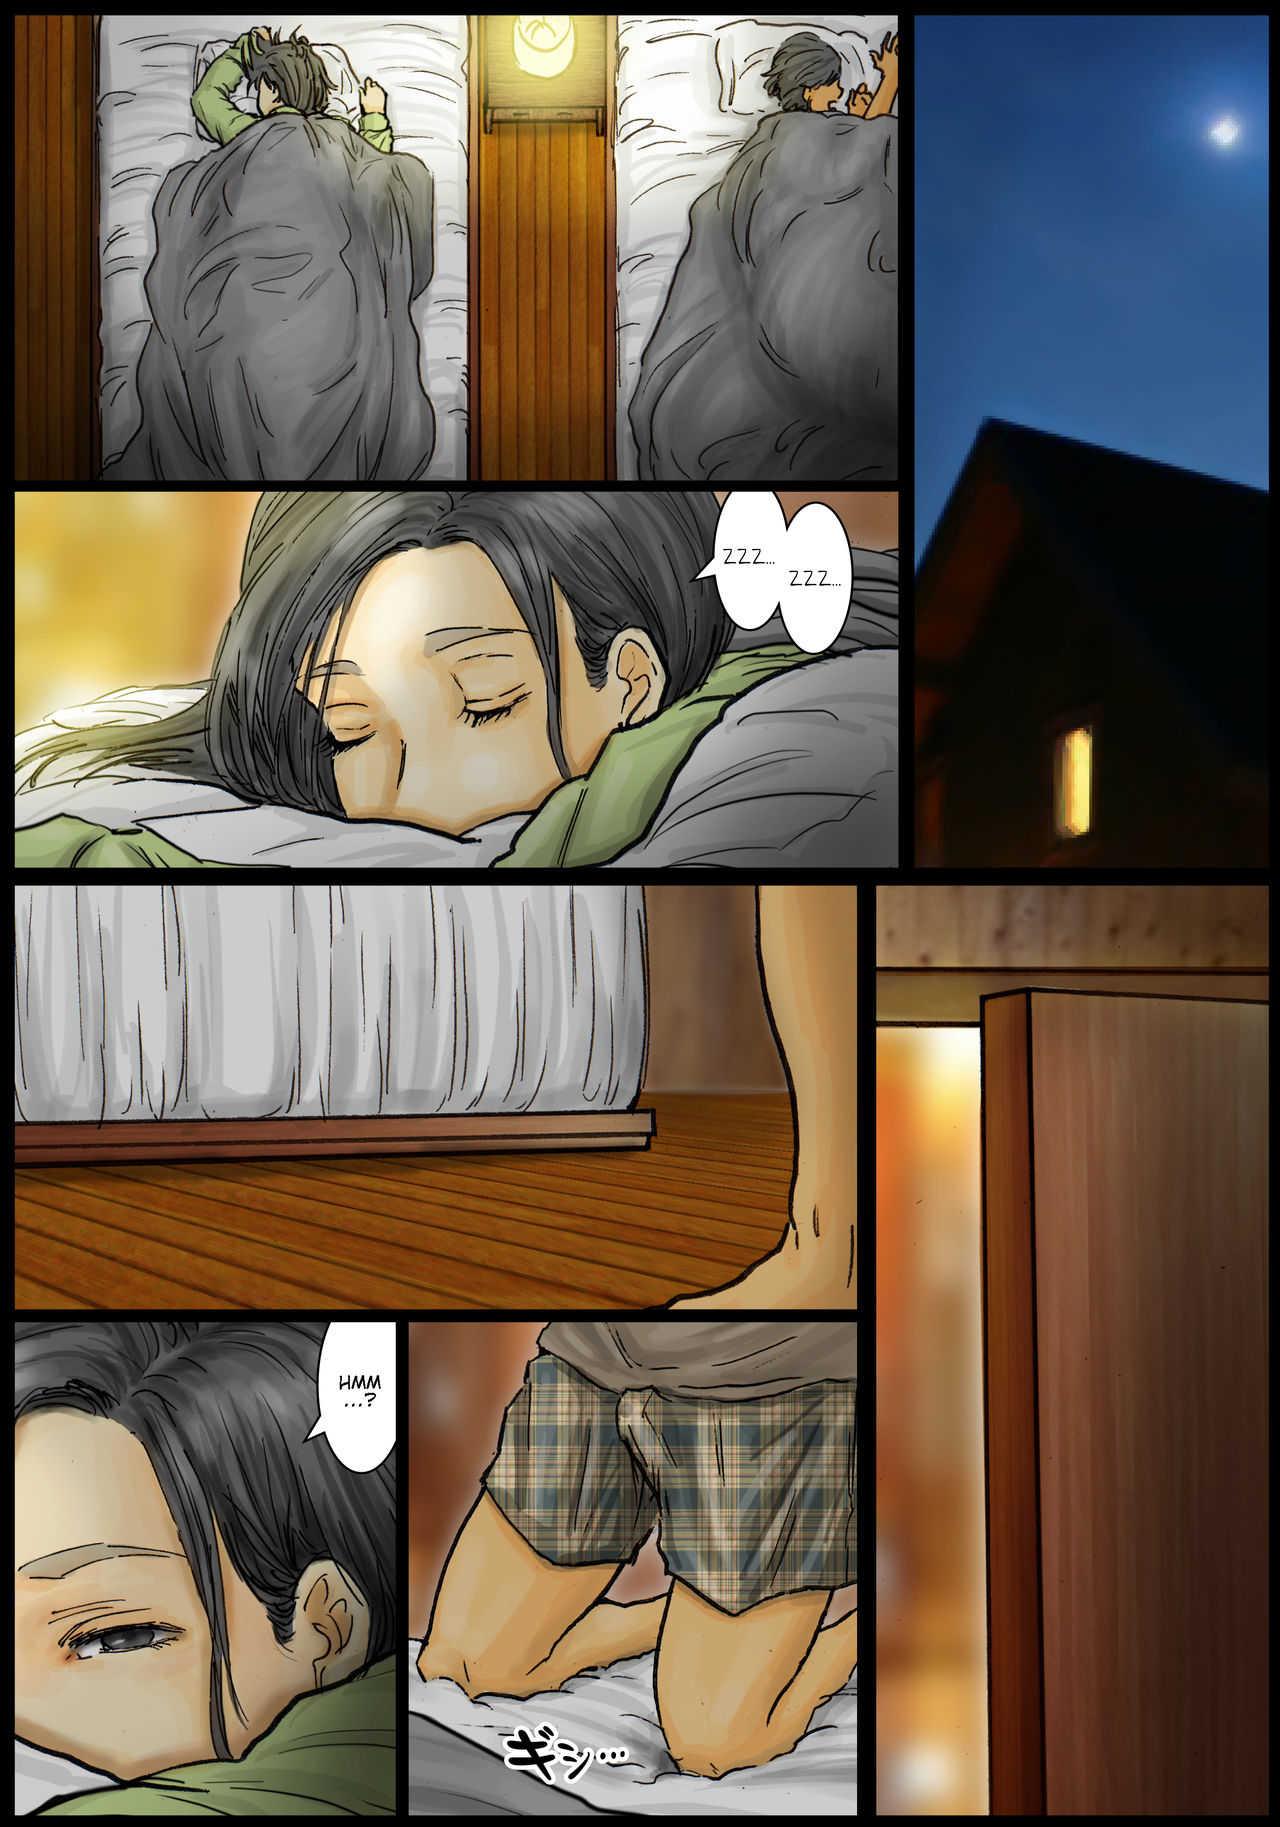 комикс моя прекрасная соседка 9 часть № 660016 загрузить